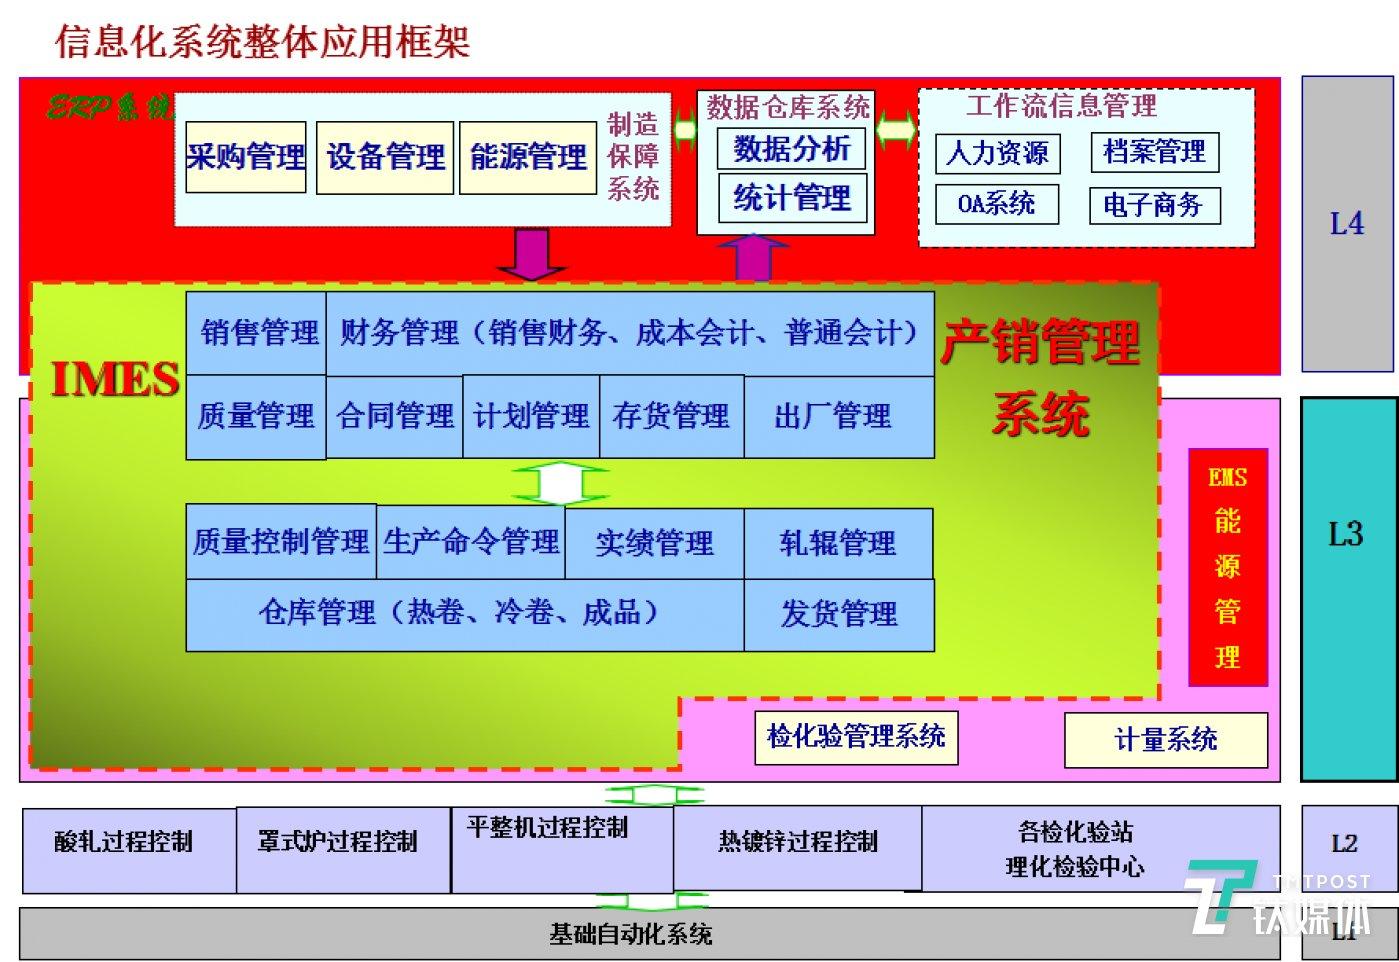 天津鞍钢天铁冷轧薄板有限公司信息化系统整体应用框架